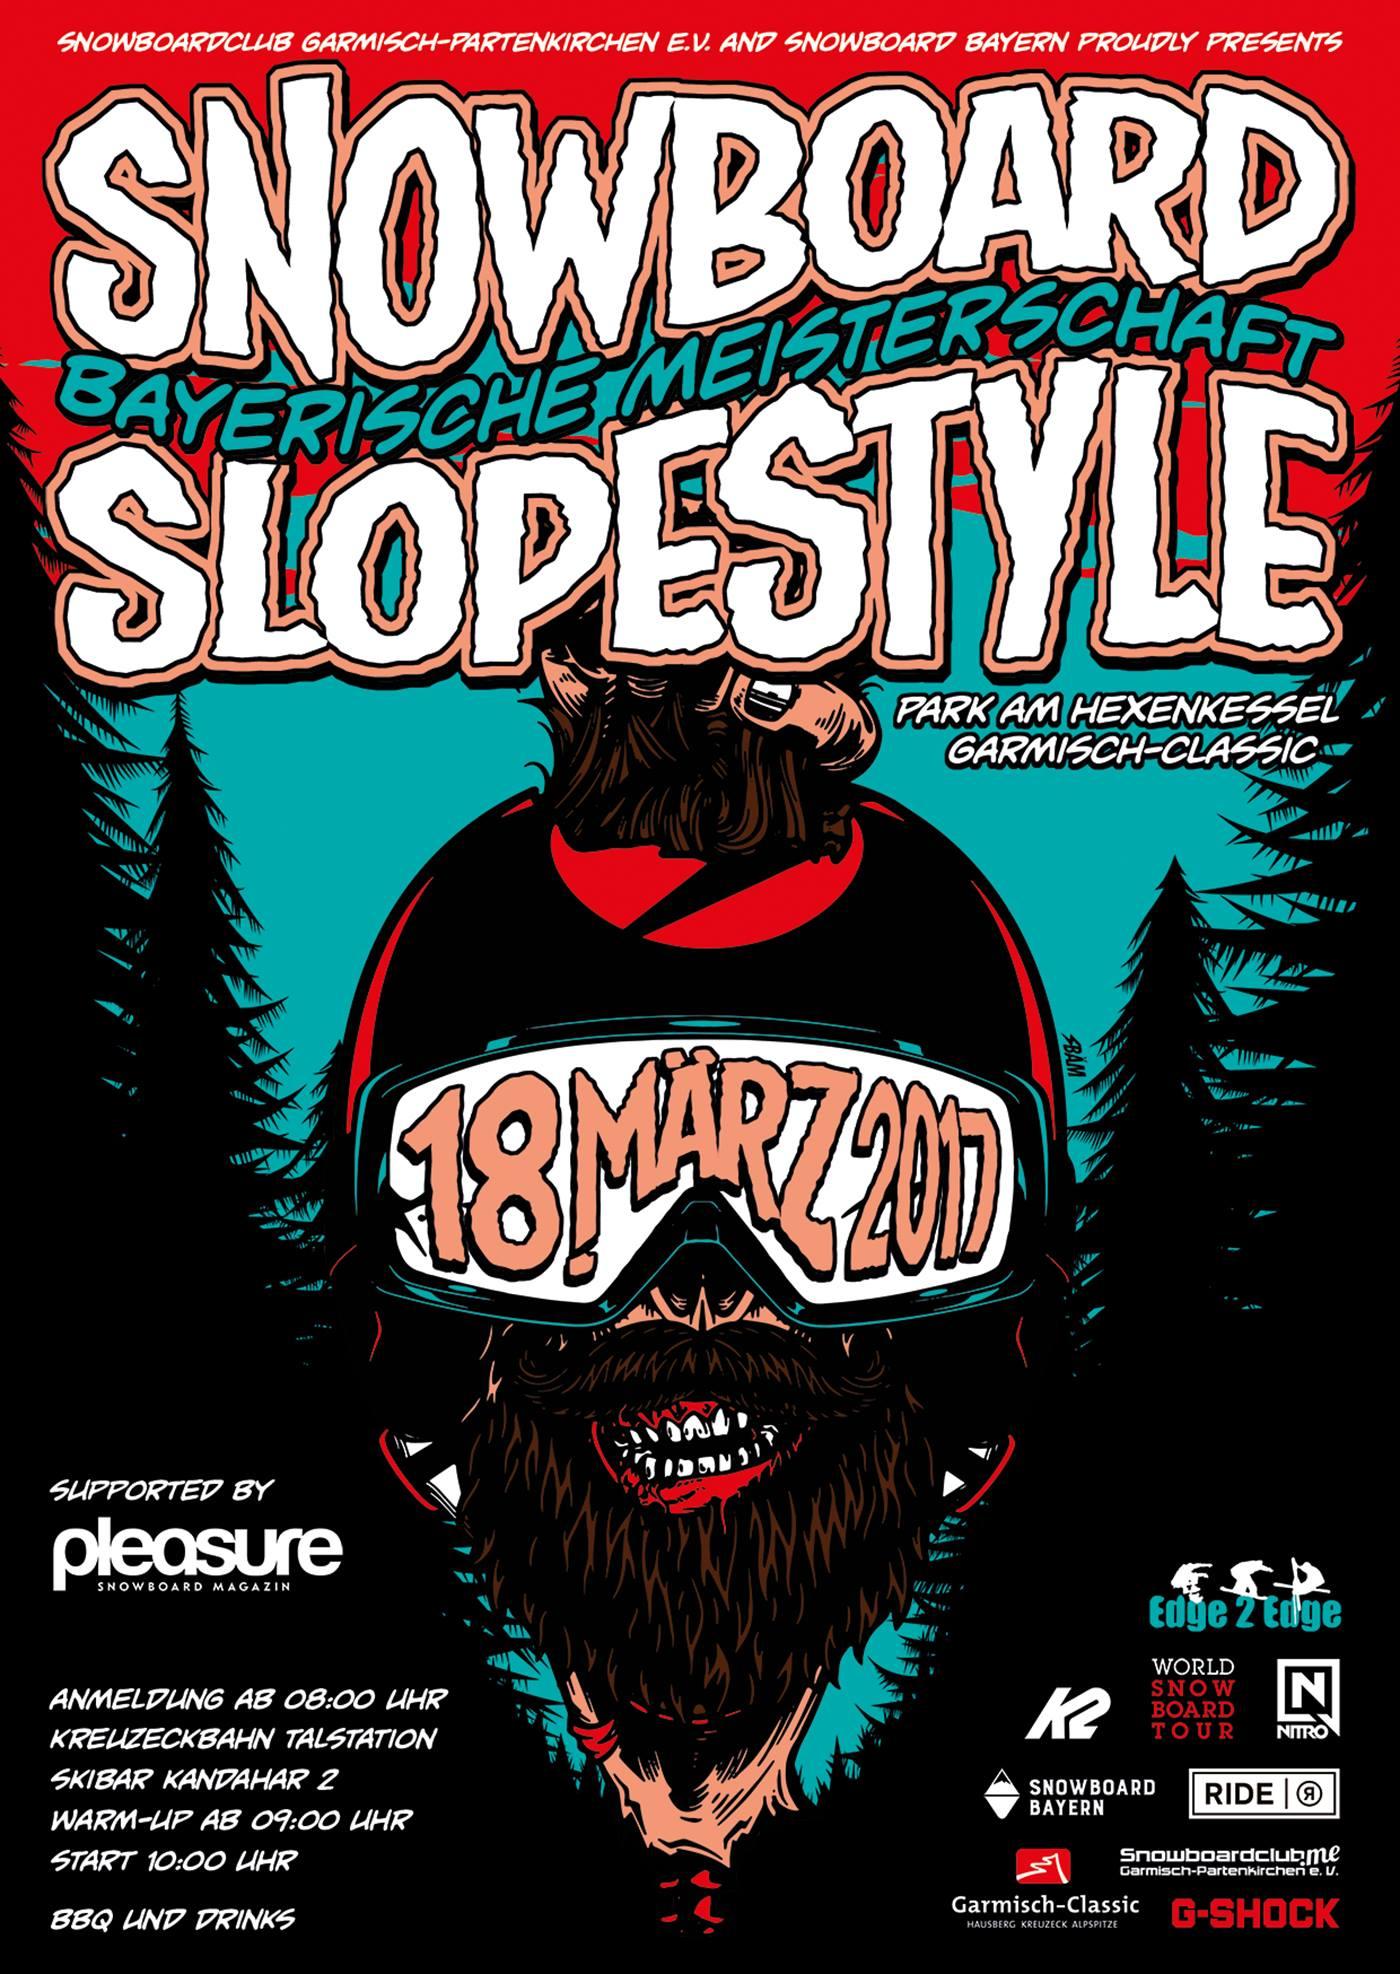 Bayerische Meisterschaft Snowboard Slopestyle 2017